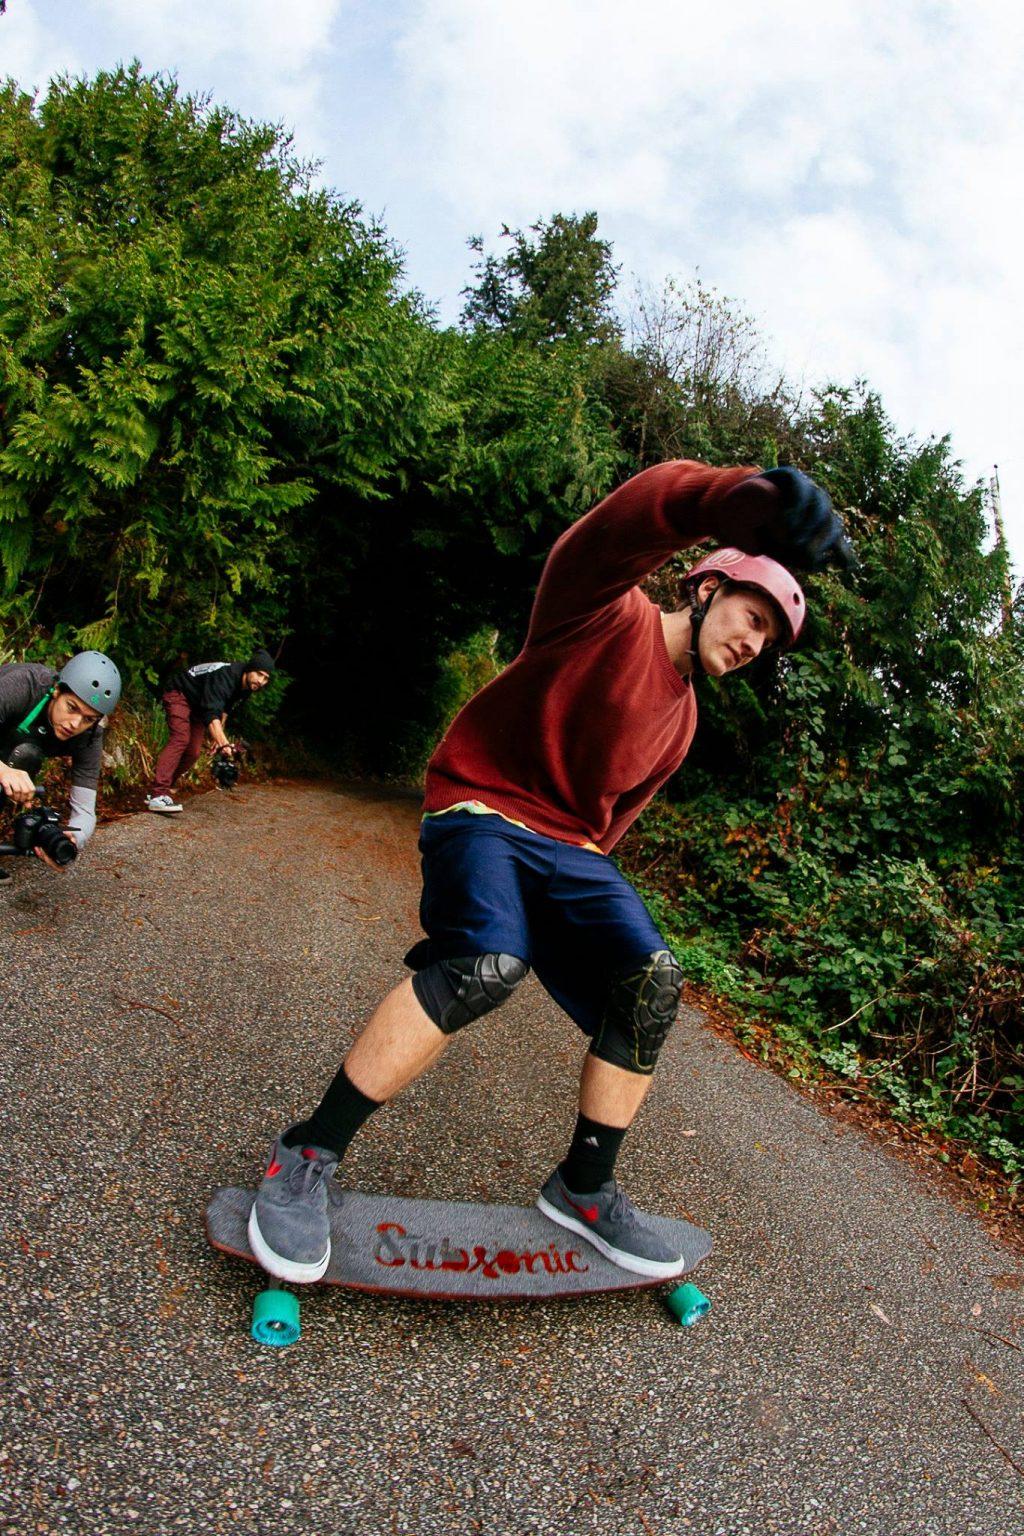 36-sam-galus-flatspot-longboards-valhalla-skateboards-higway-jam-highwayjamx-sho-ouellette-sho-stopper-longboarding